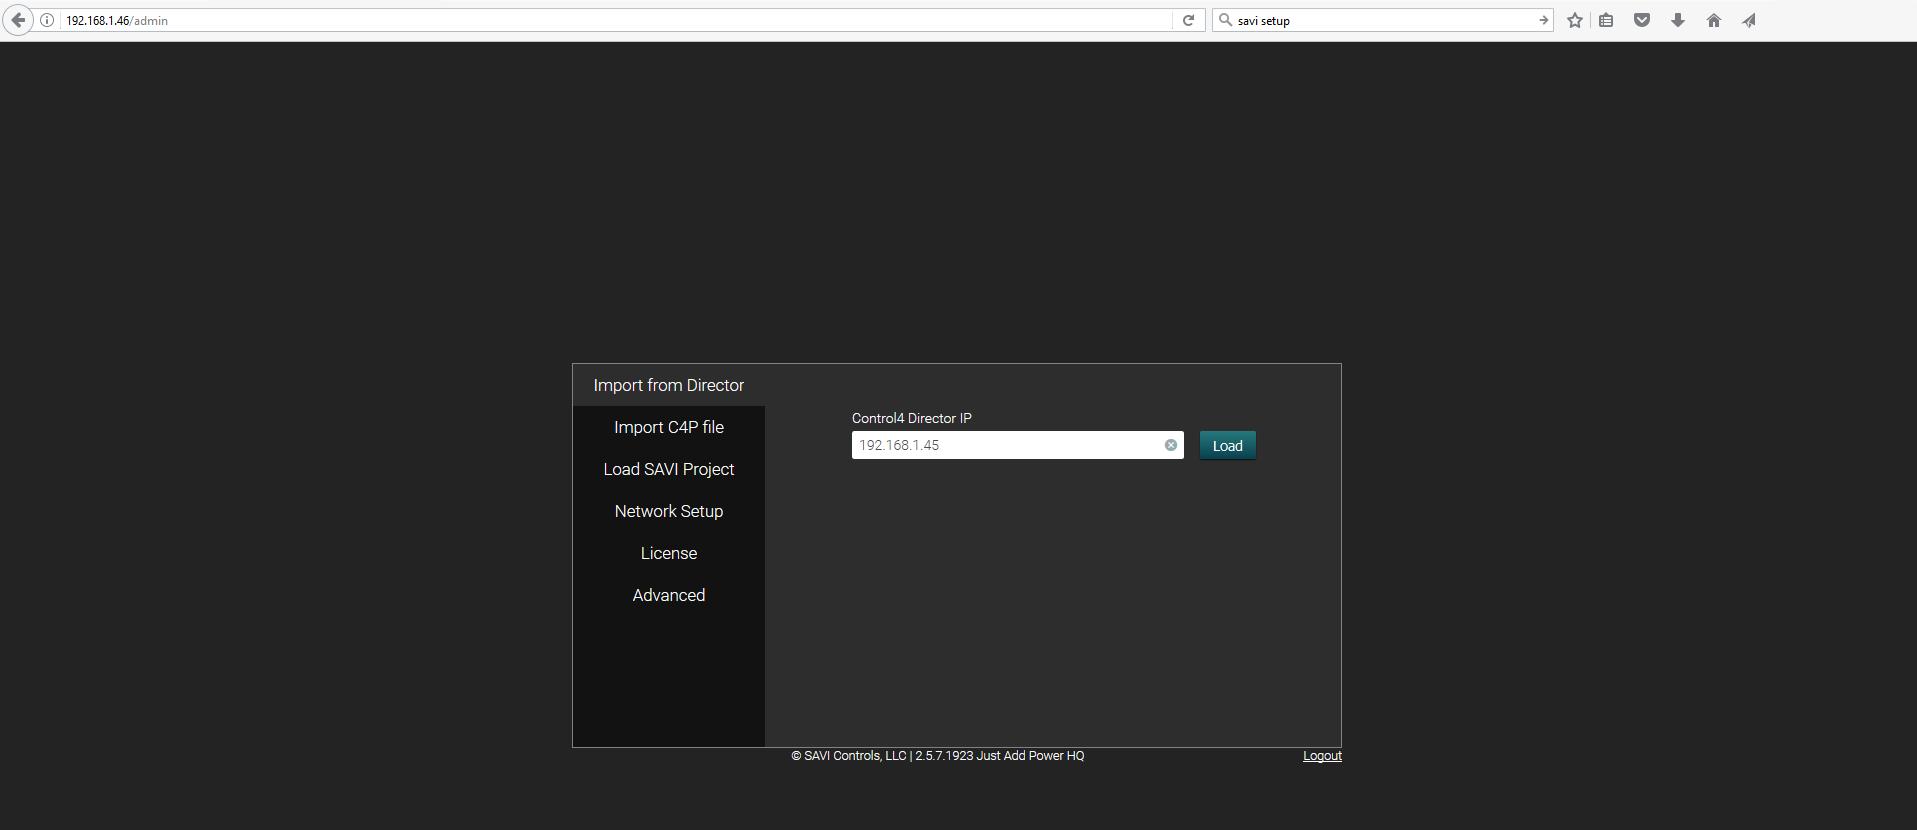 SAVI Admin - Main Page